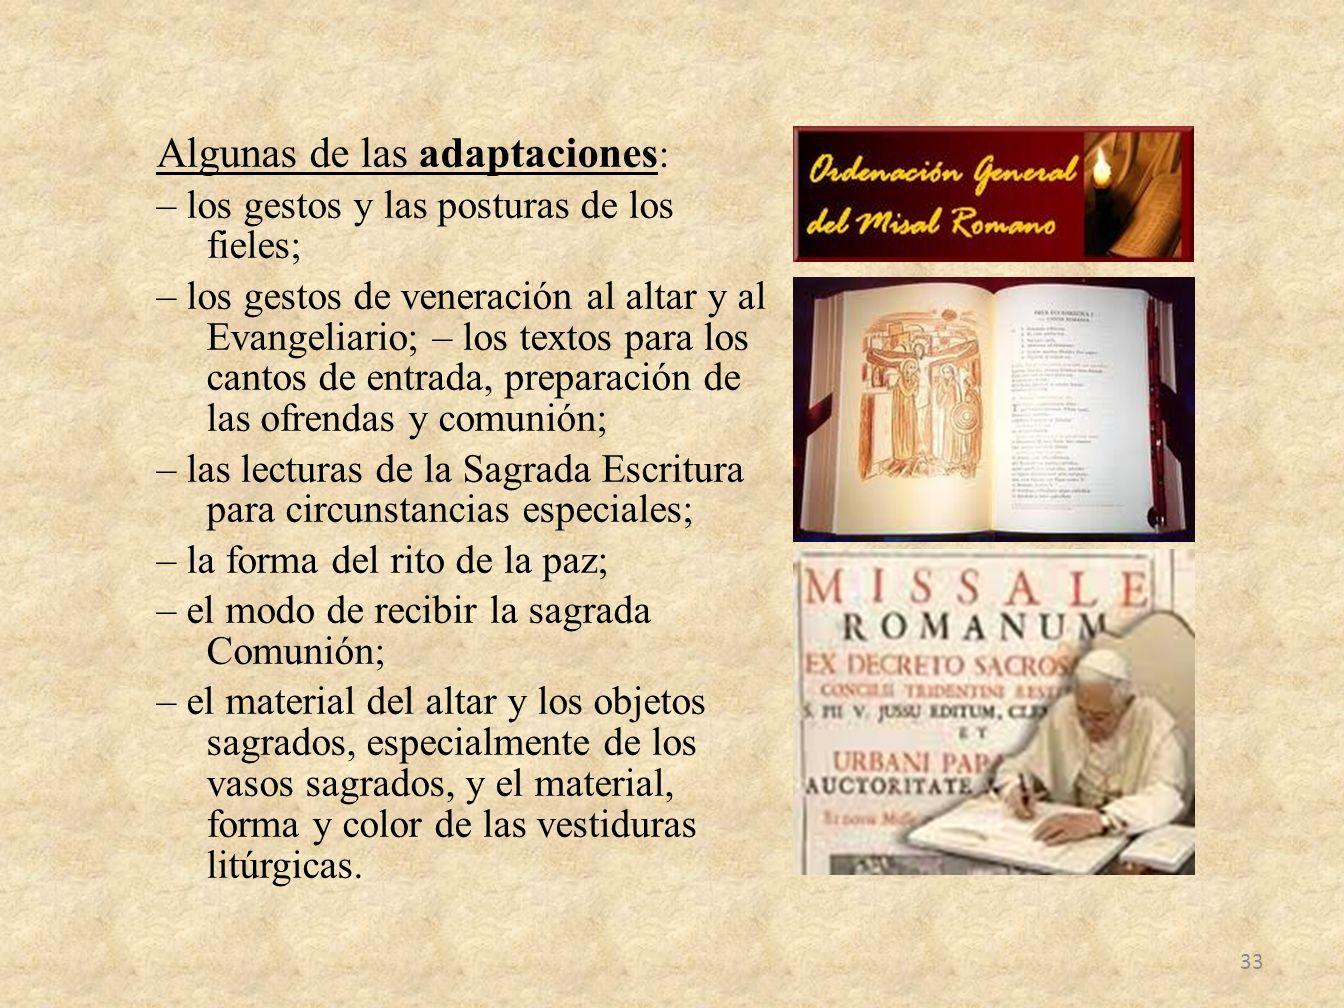 Algunas de las adaptaciones : – los gestos y las posturas de los fieles; – los gestos de veneración al altar y al Evangeliario; – los textos para los